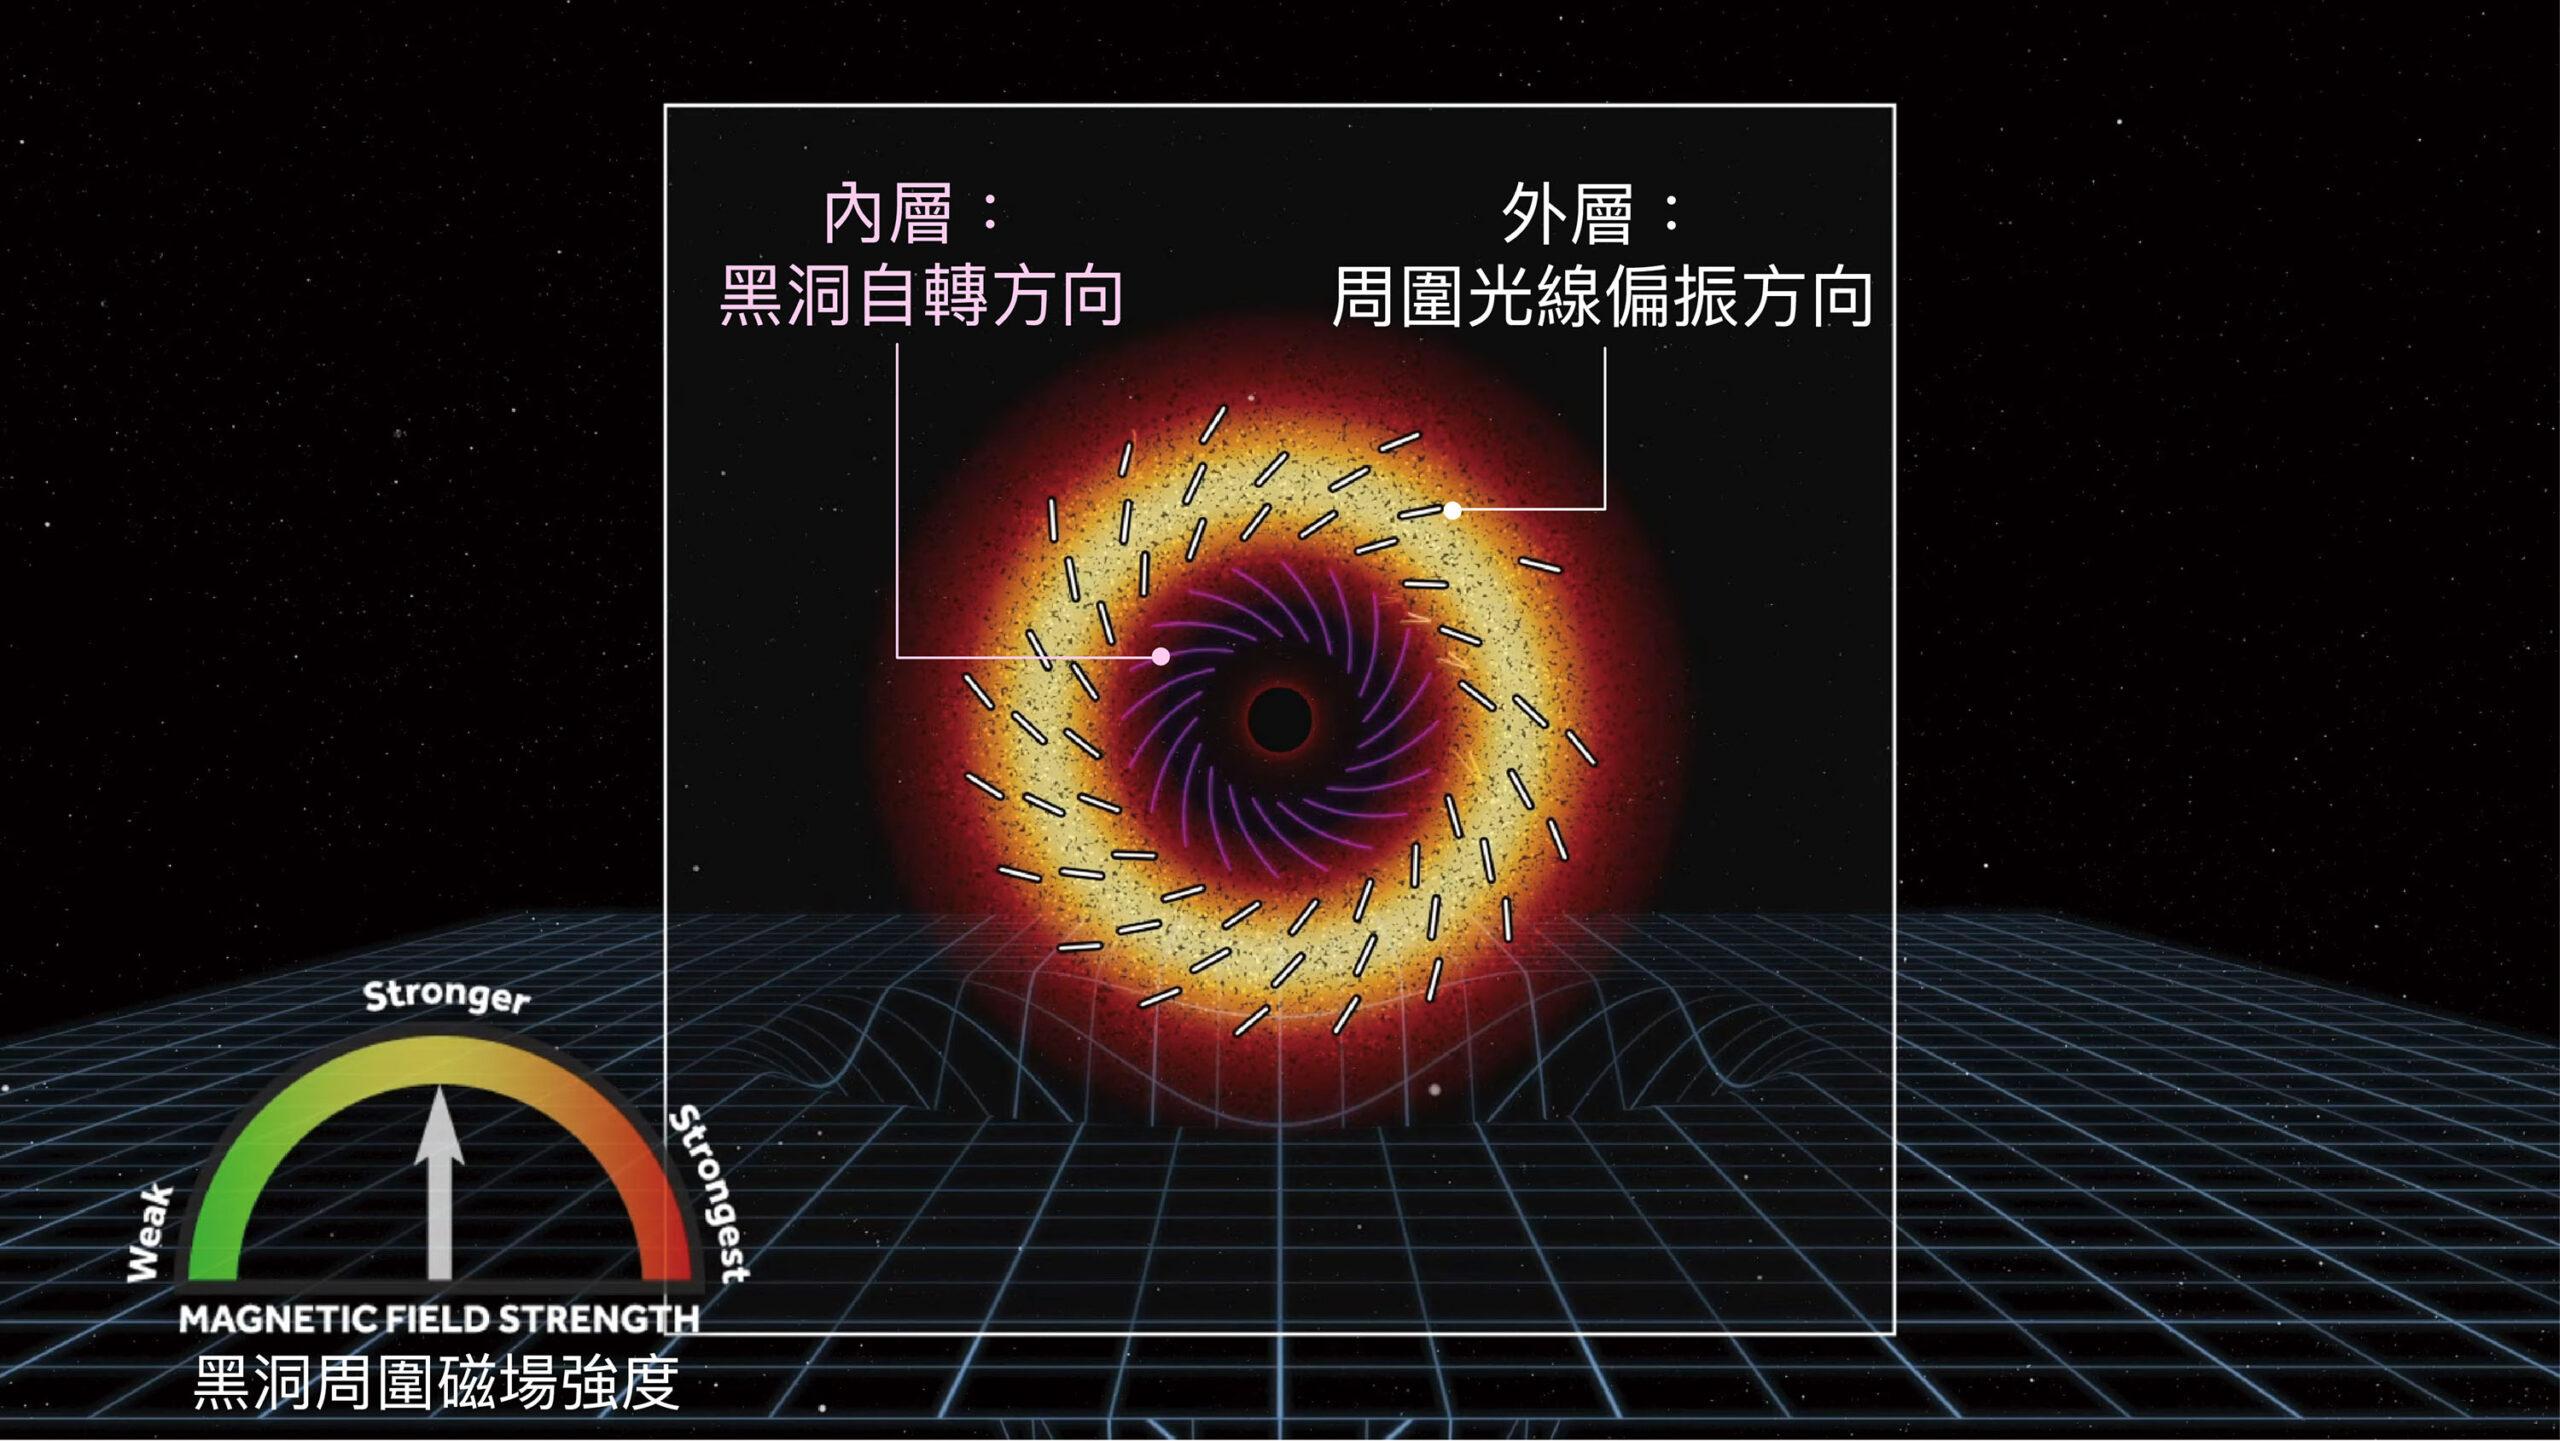 M87 星系中心黑洞的自轉方向(順時鐘)與周圍光線偏振方向(逆時鐘)剛好相應,而這個特定的偏振方向,也就形成黑洞照片上類似丹麥甜甜圈的特殊紋路。圖│EHT Collaboration and Crazybridge Studios